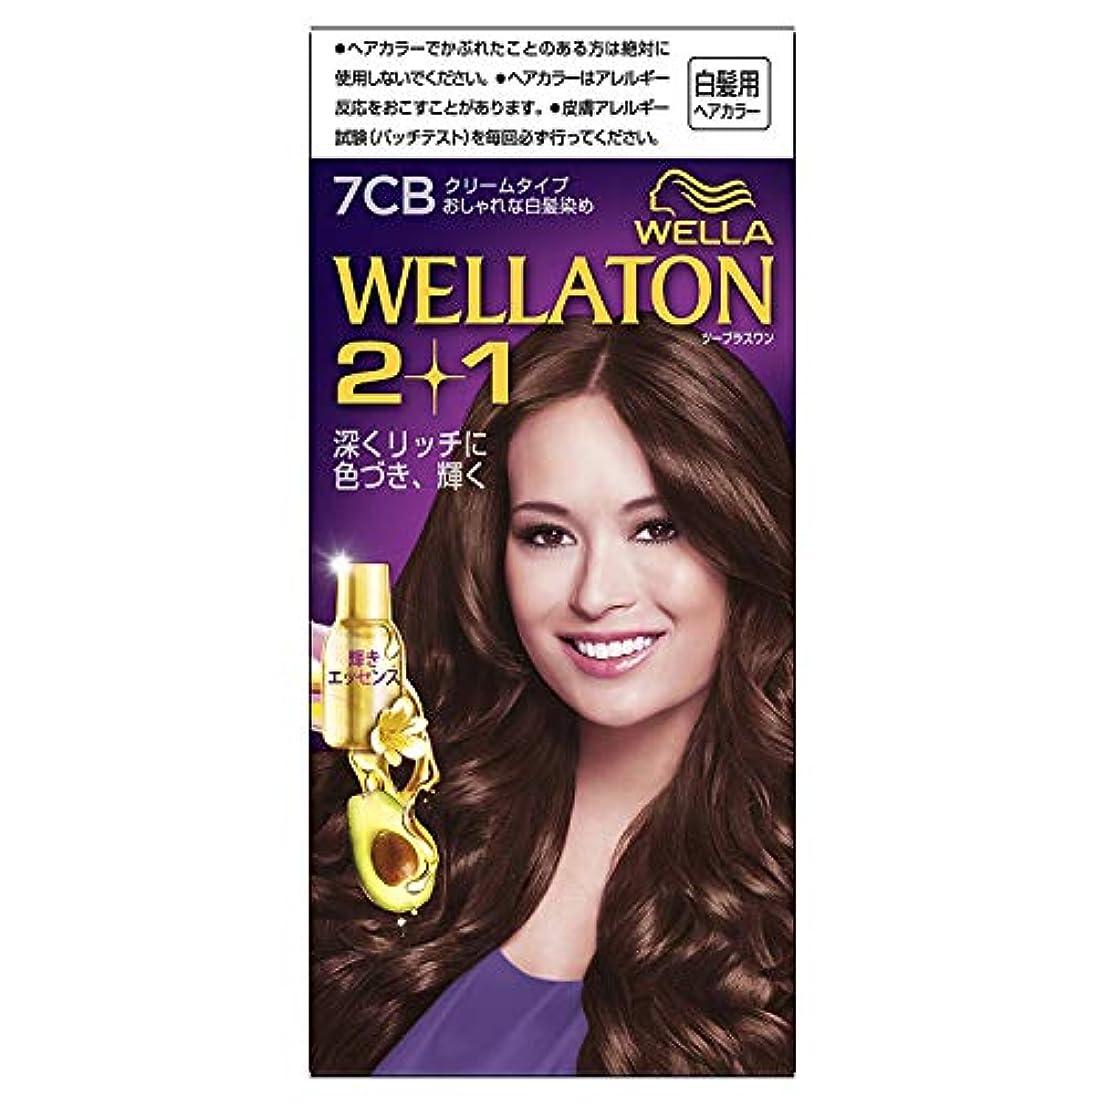 ウエラトーン2+1 白髪染め クリームタイプ 7CB [医薬部外品] ×6個